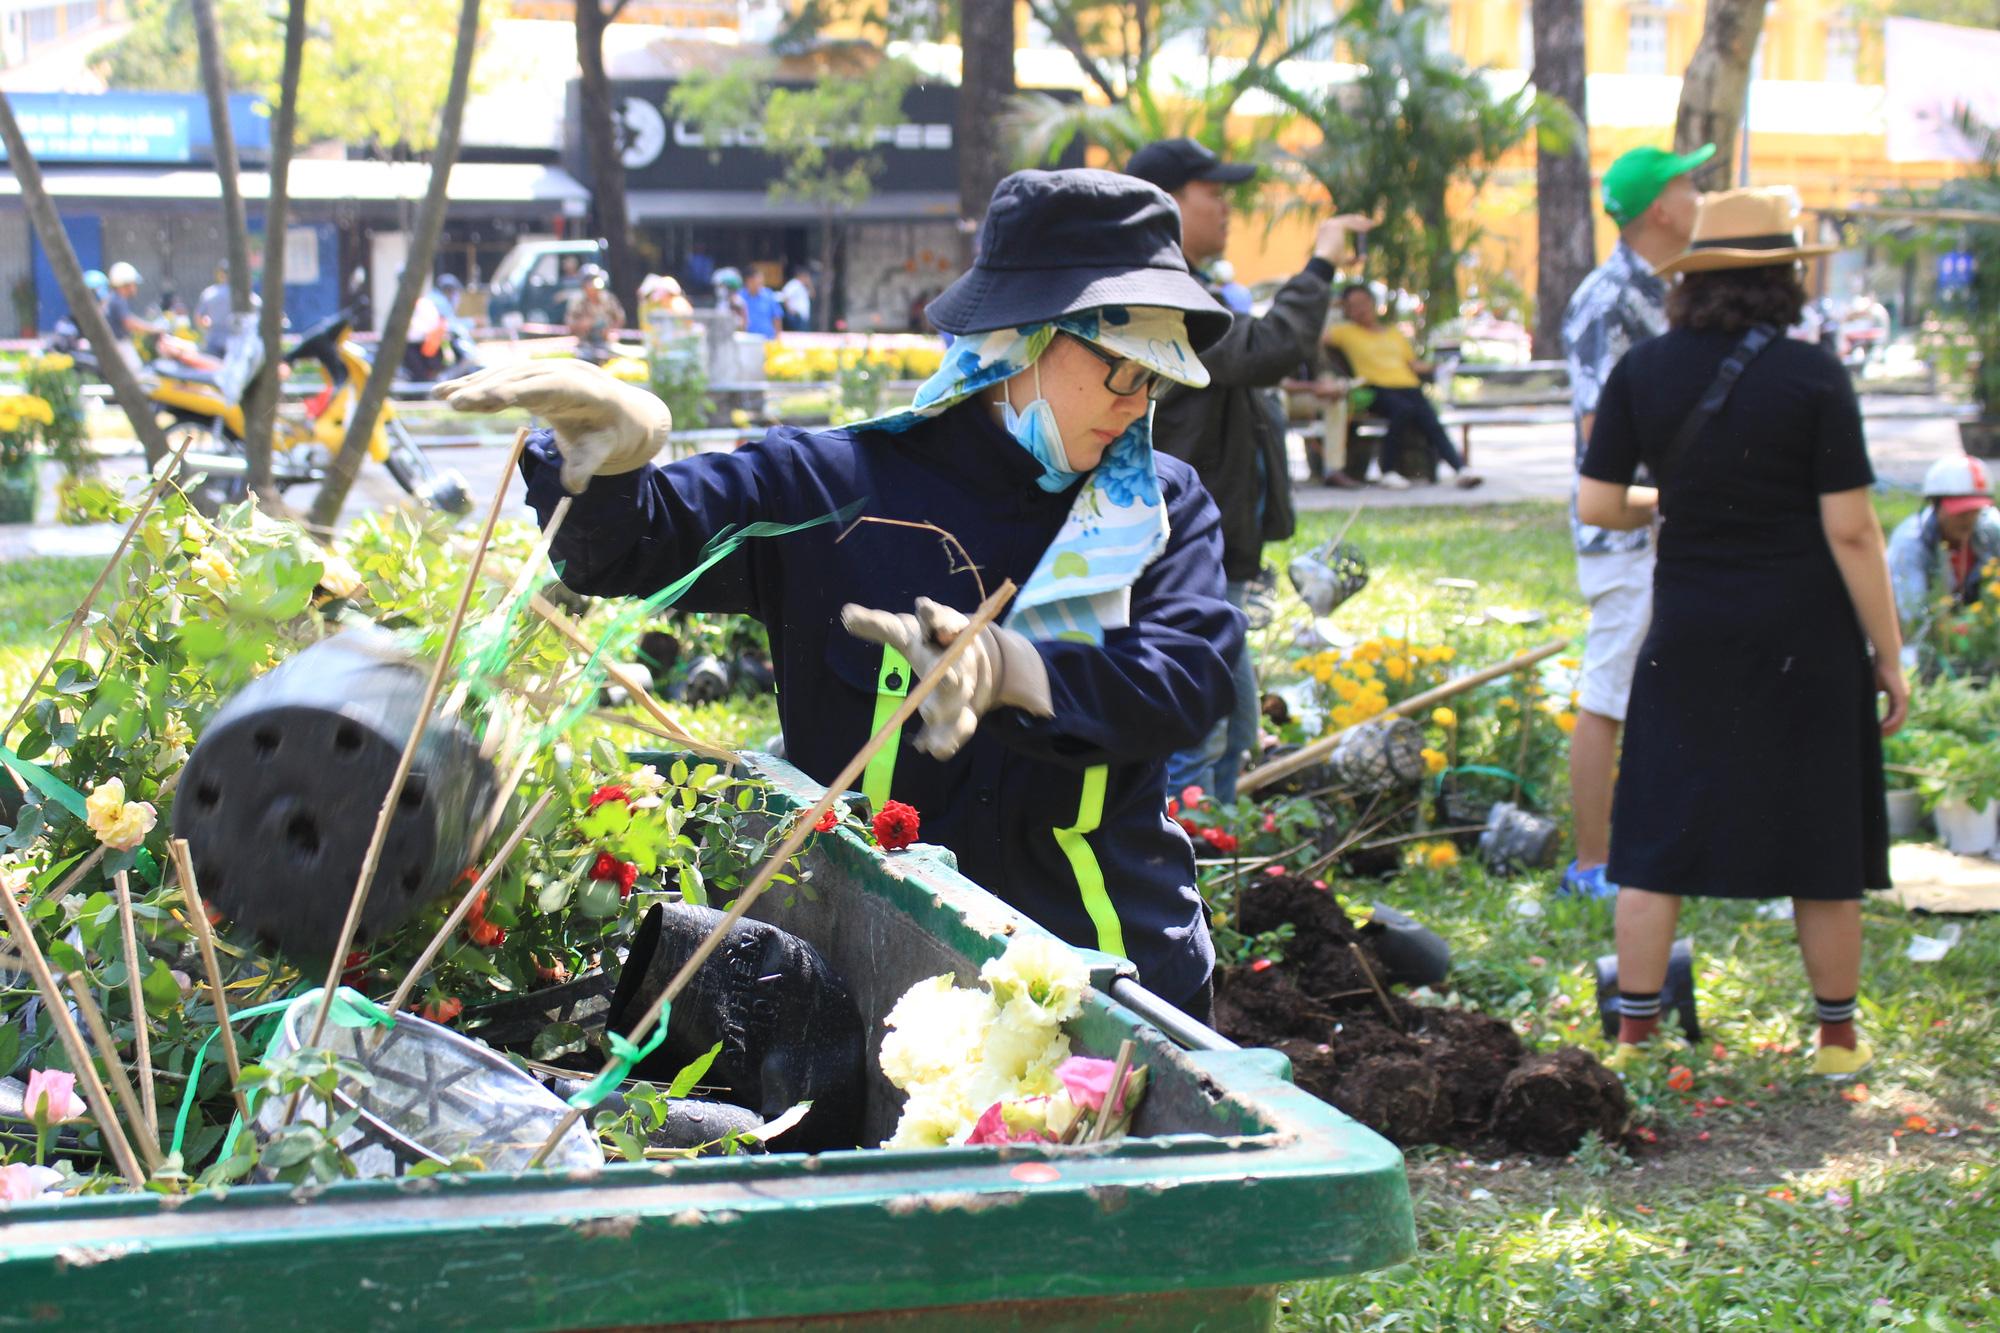 Đập nát hoa trước quăng lên xe rác ở Sài Gòn trưa 30 Tết - Ảnh 5.